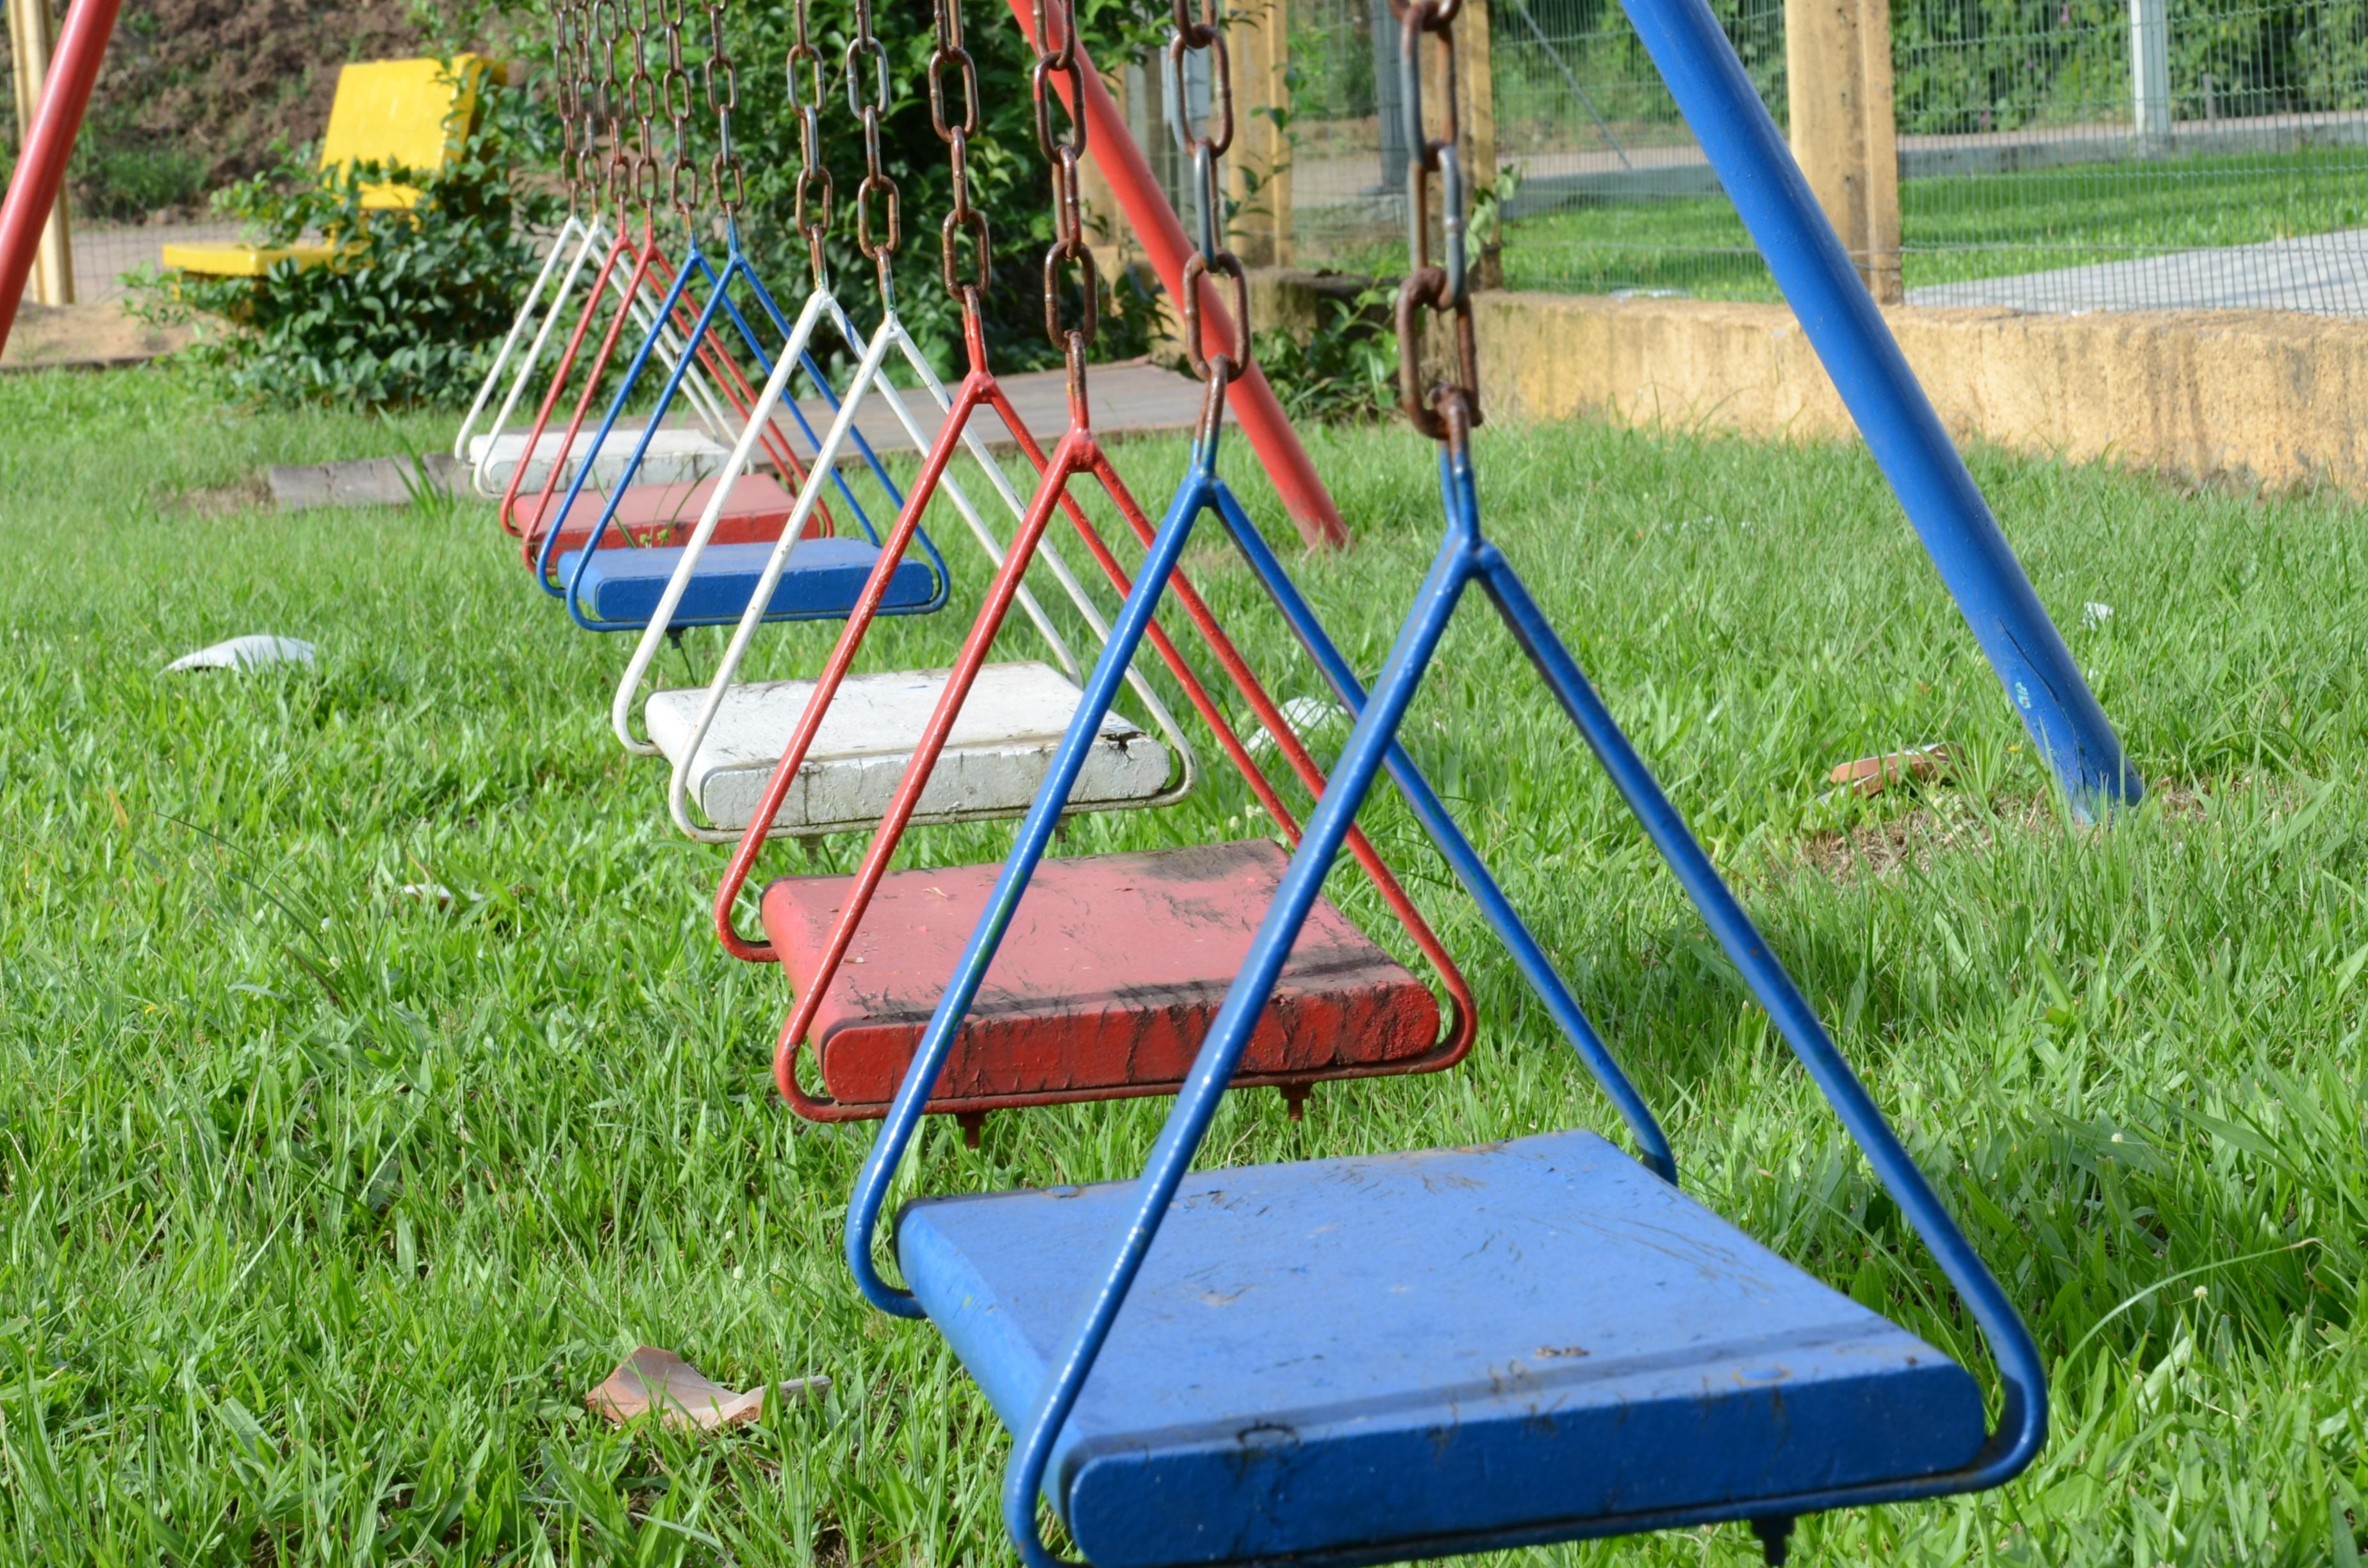 Free grass lawn city balance backyard child swing